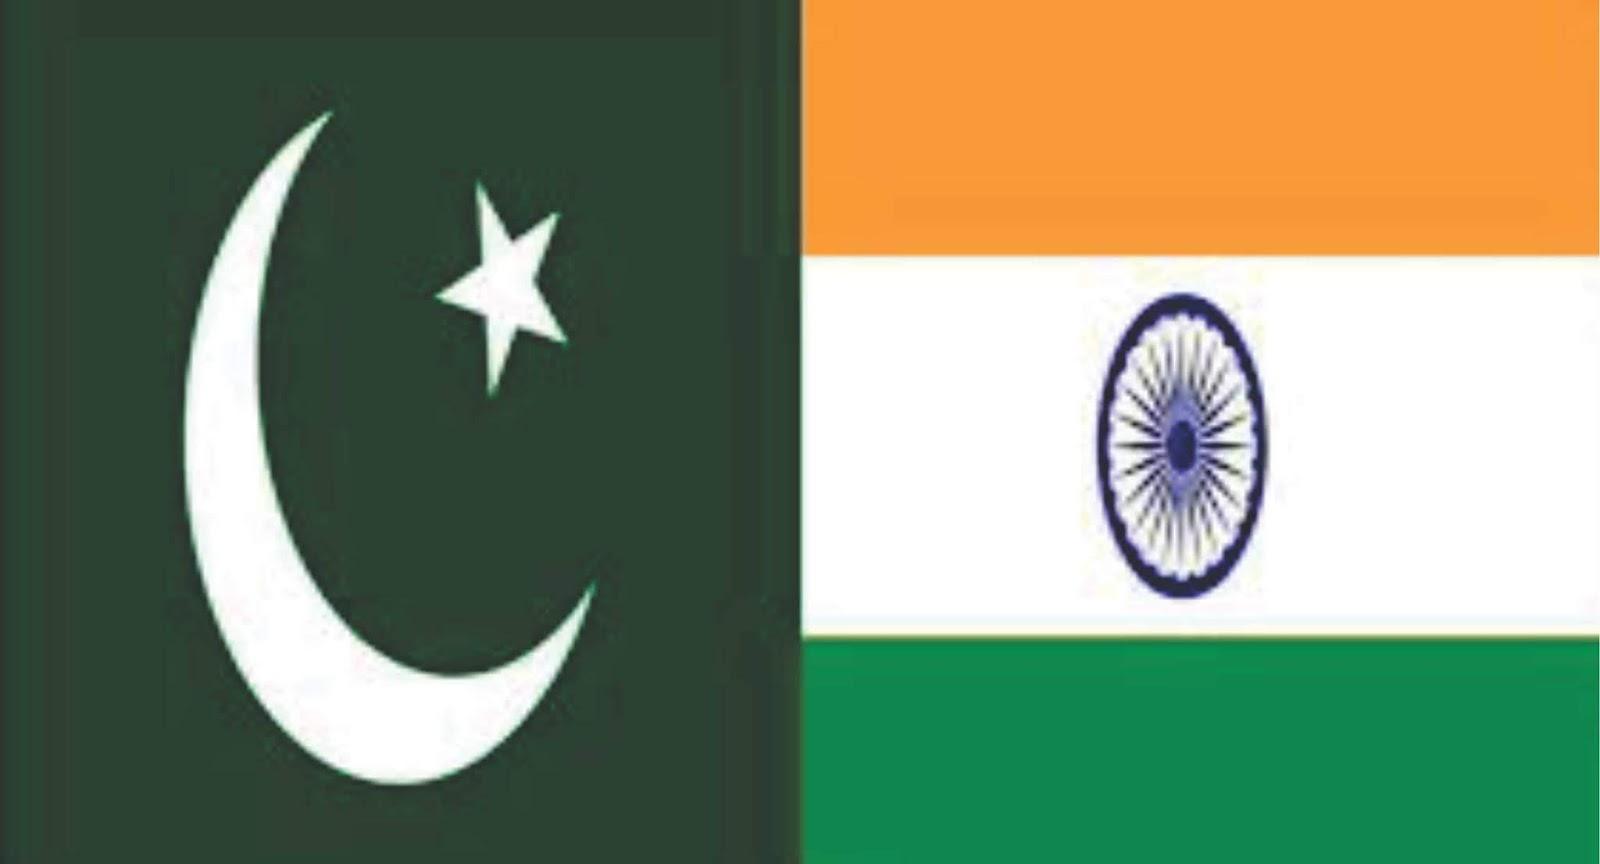 Kamis pagi Pakistan melakukan penembakan di perbatasan dengan India